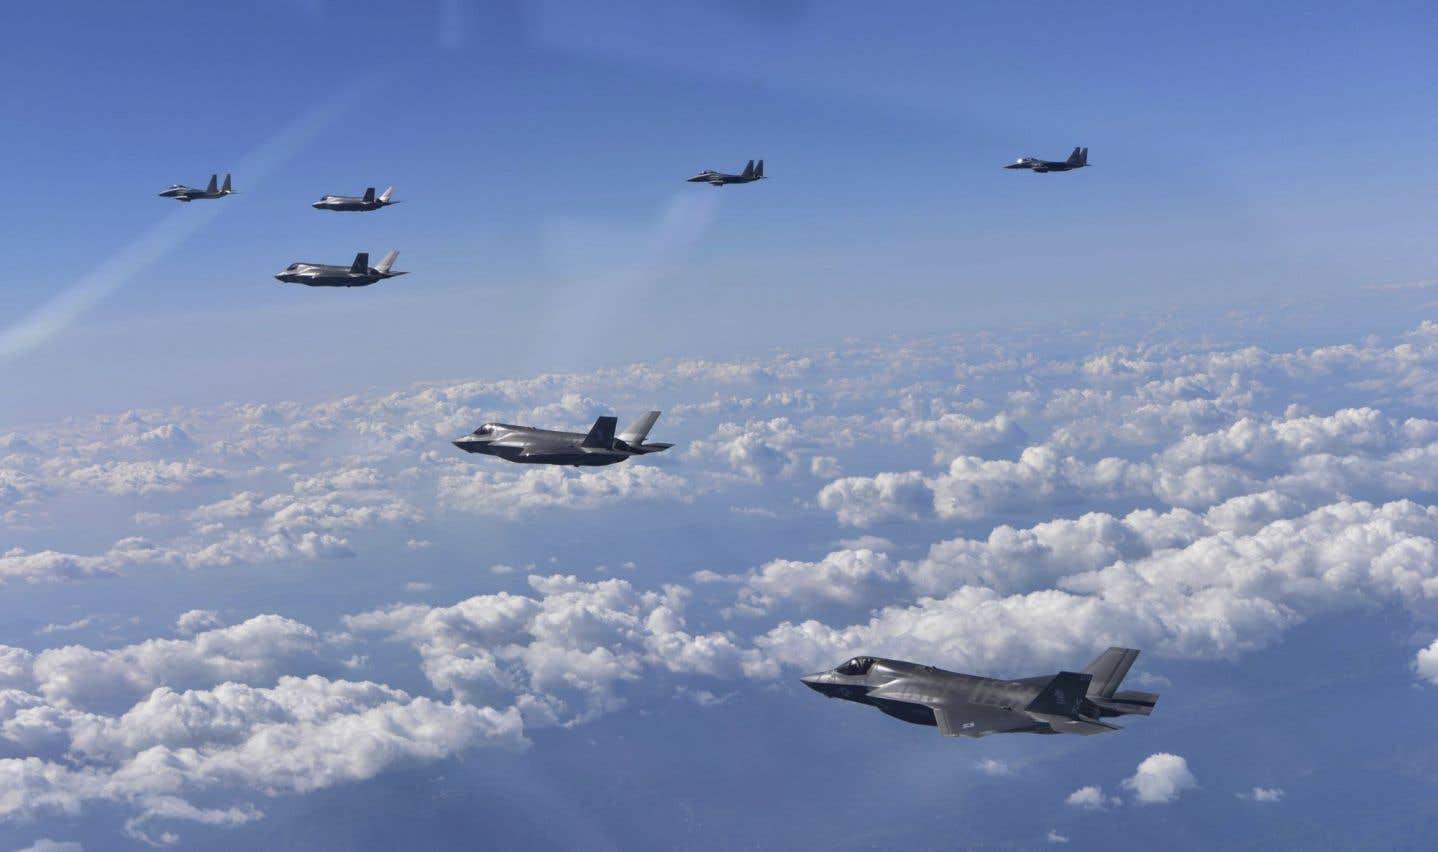 Deux bombardiers B-1B et deux chasseurs furtifs F-35B américains ont pris part à un exercice aux côtés de quatre chasseurs sud-coréens.